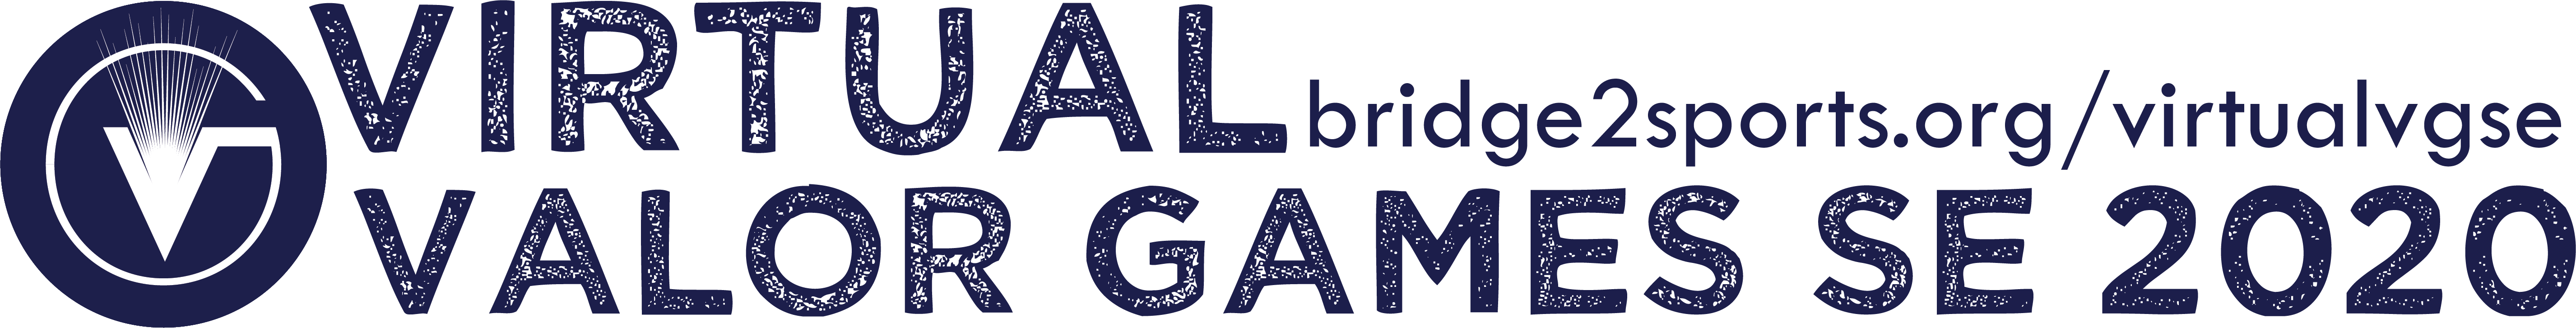 Virtual Valor Games Southeast 2020 bridge2sports.org/virtualvgse